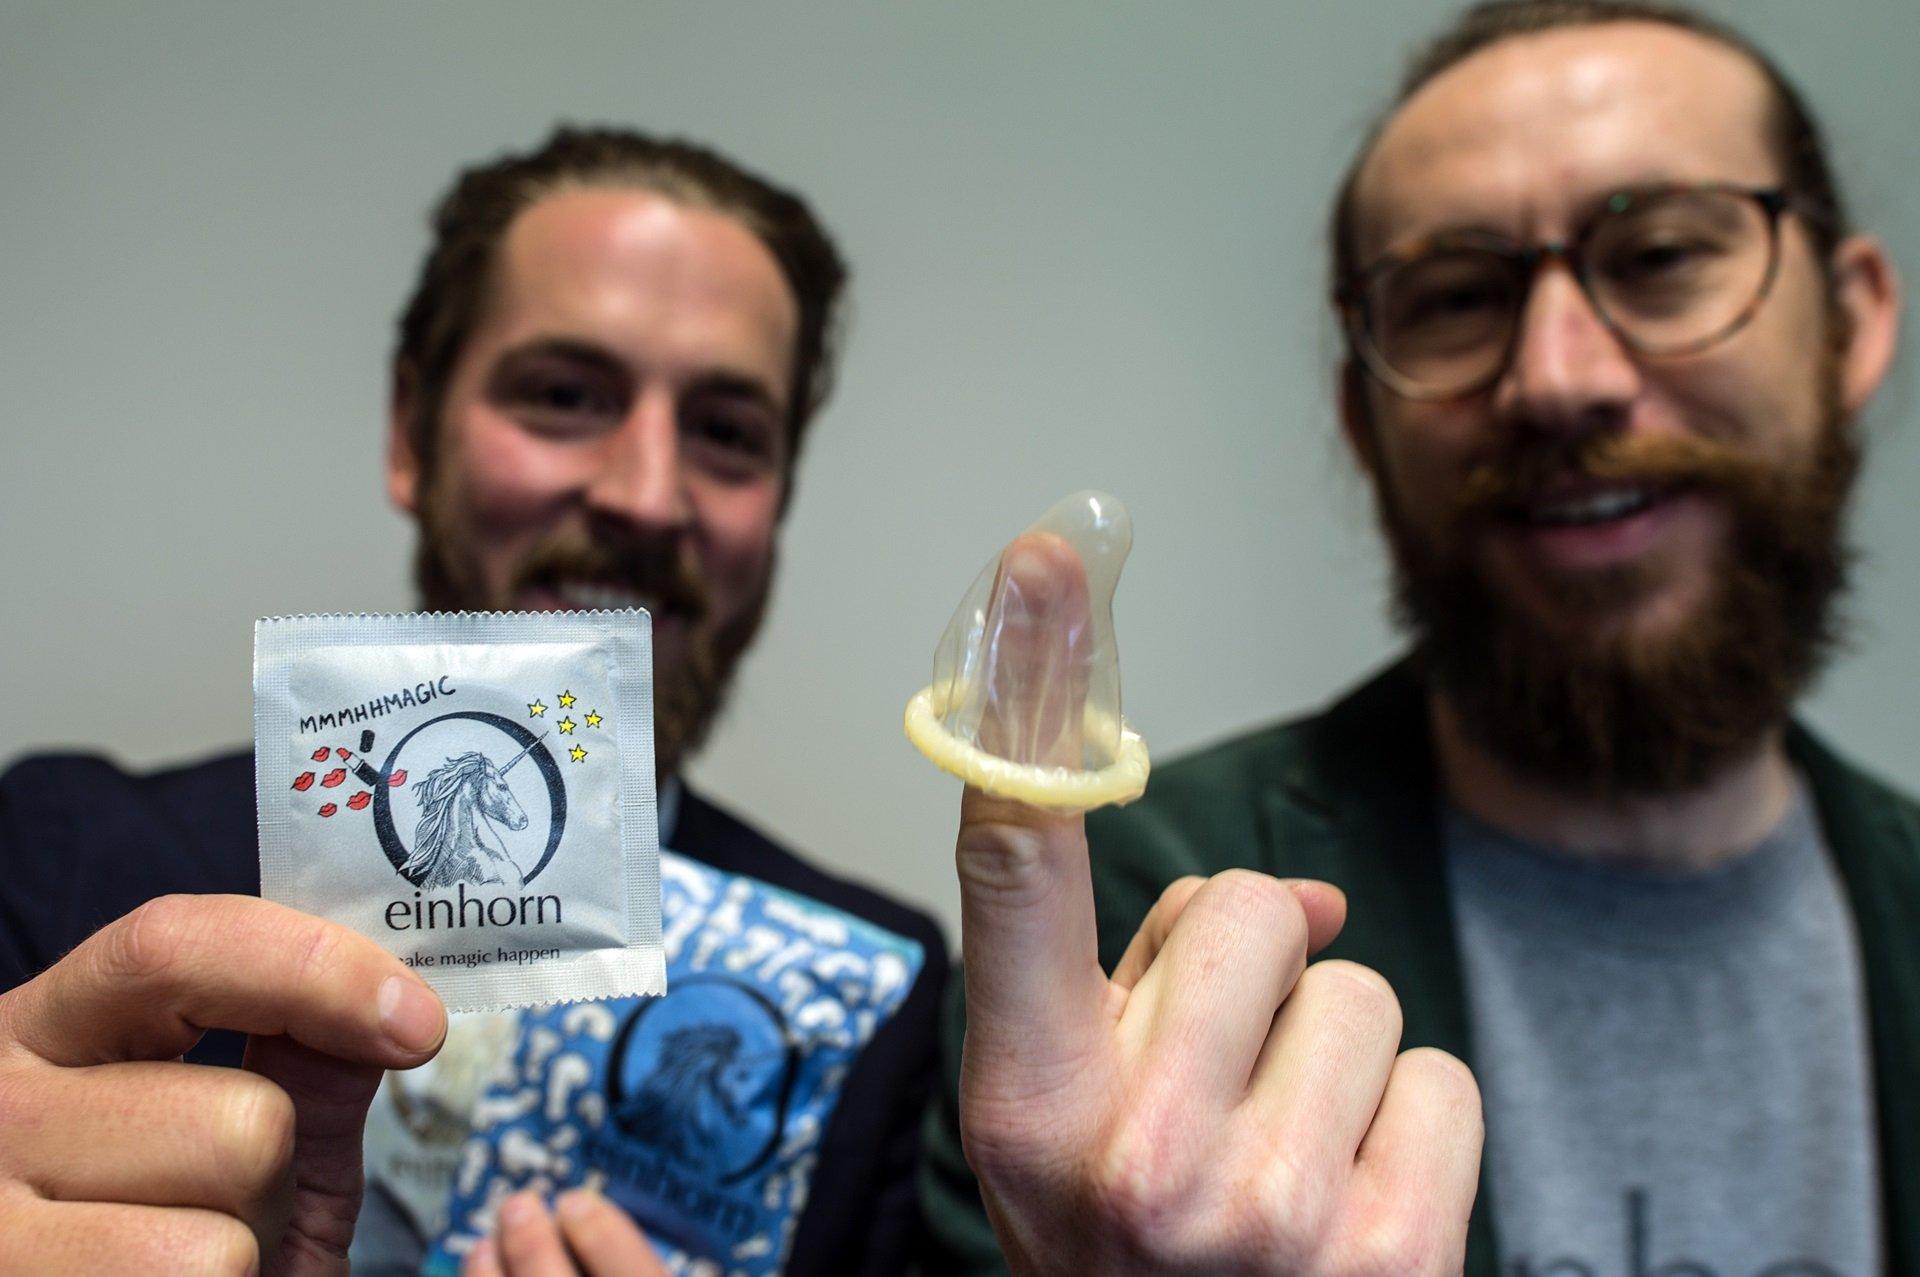 веганские презервативы einhorn отвратительные мужики disgusting men